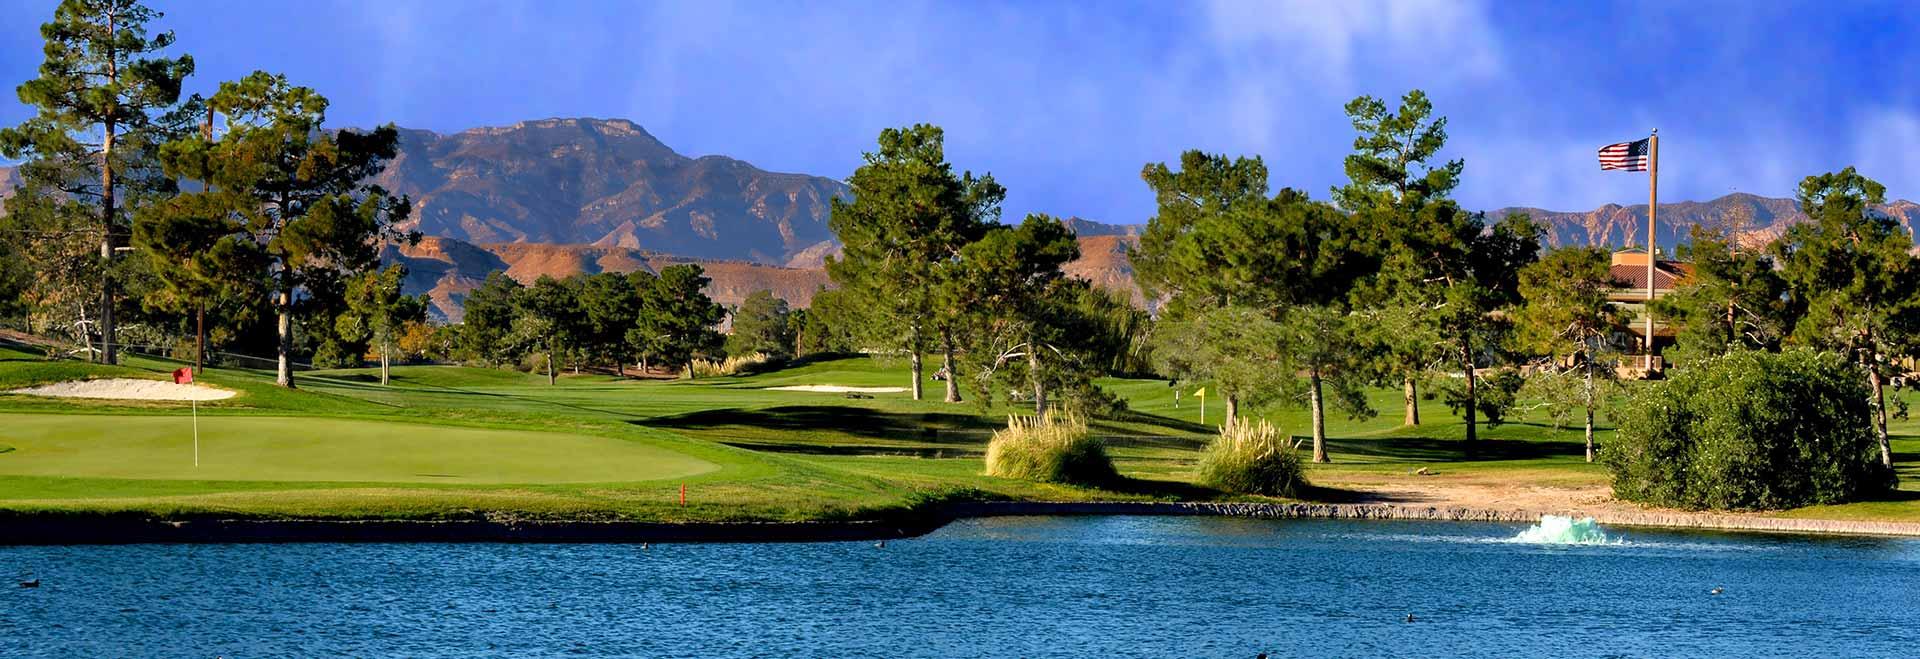 Spanish Trail Country Club Las Vegas